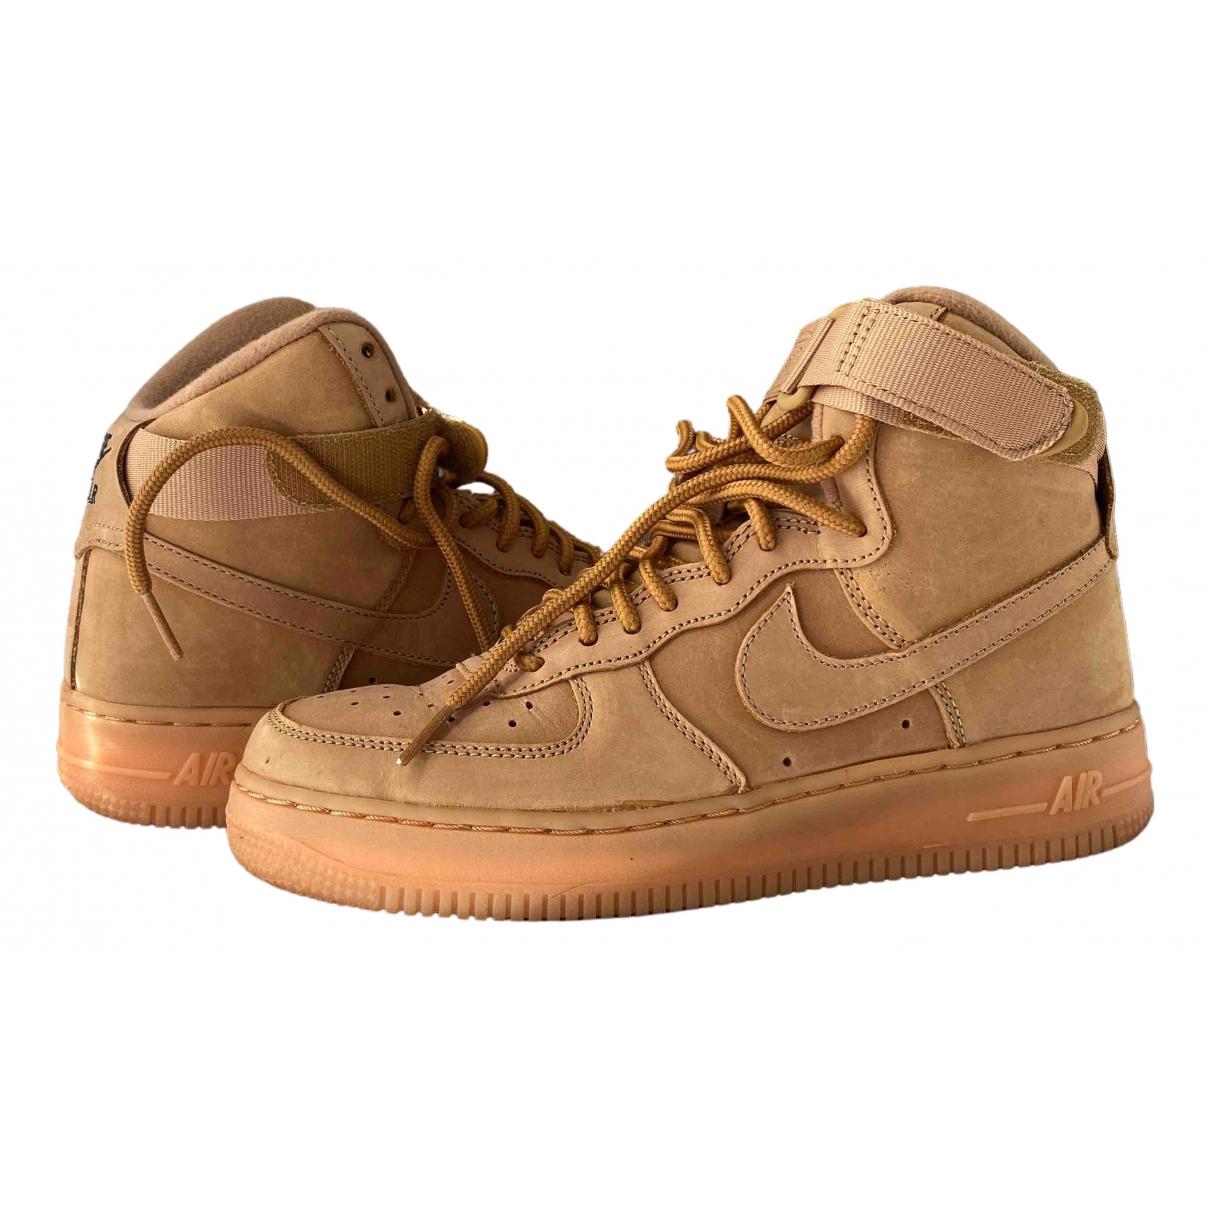 Nike - Baskets Air Force 1 pour femme en suede - camel